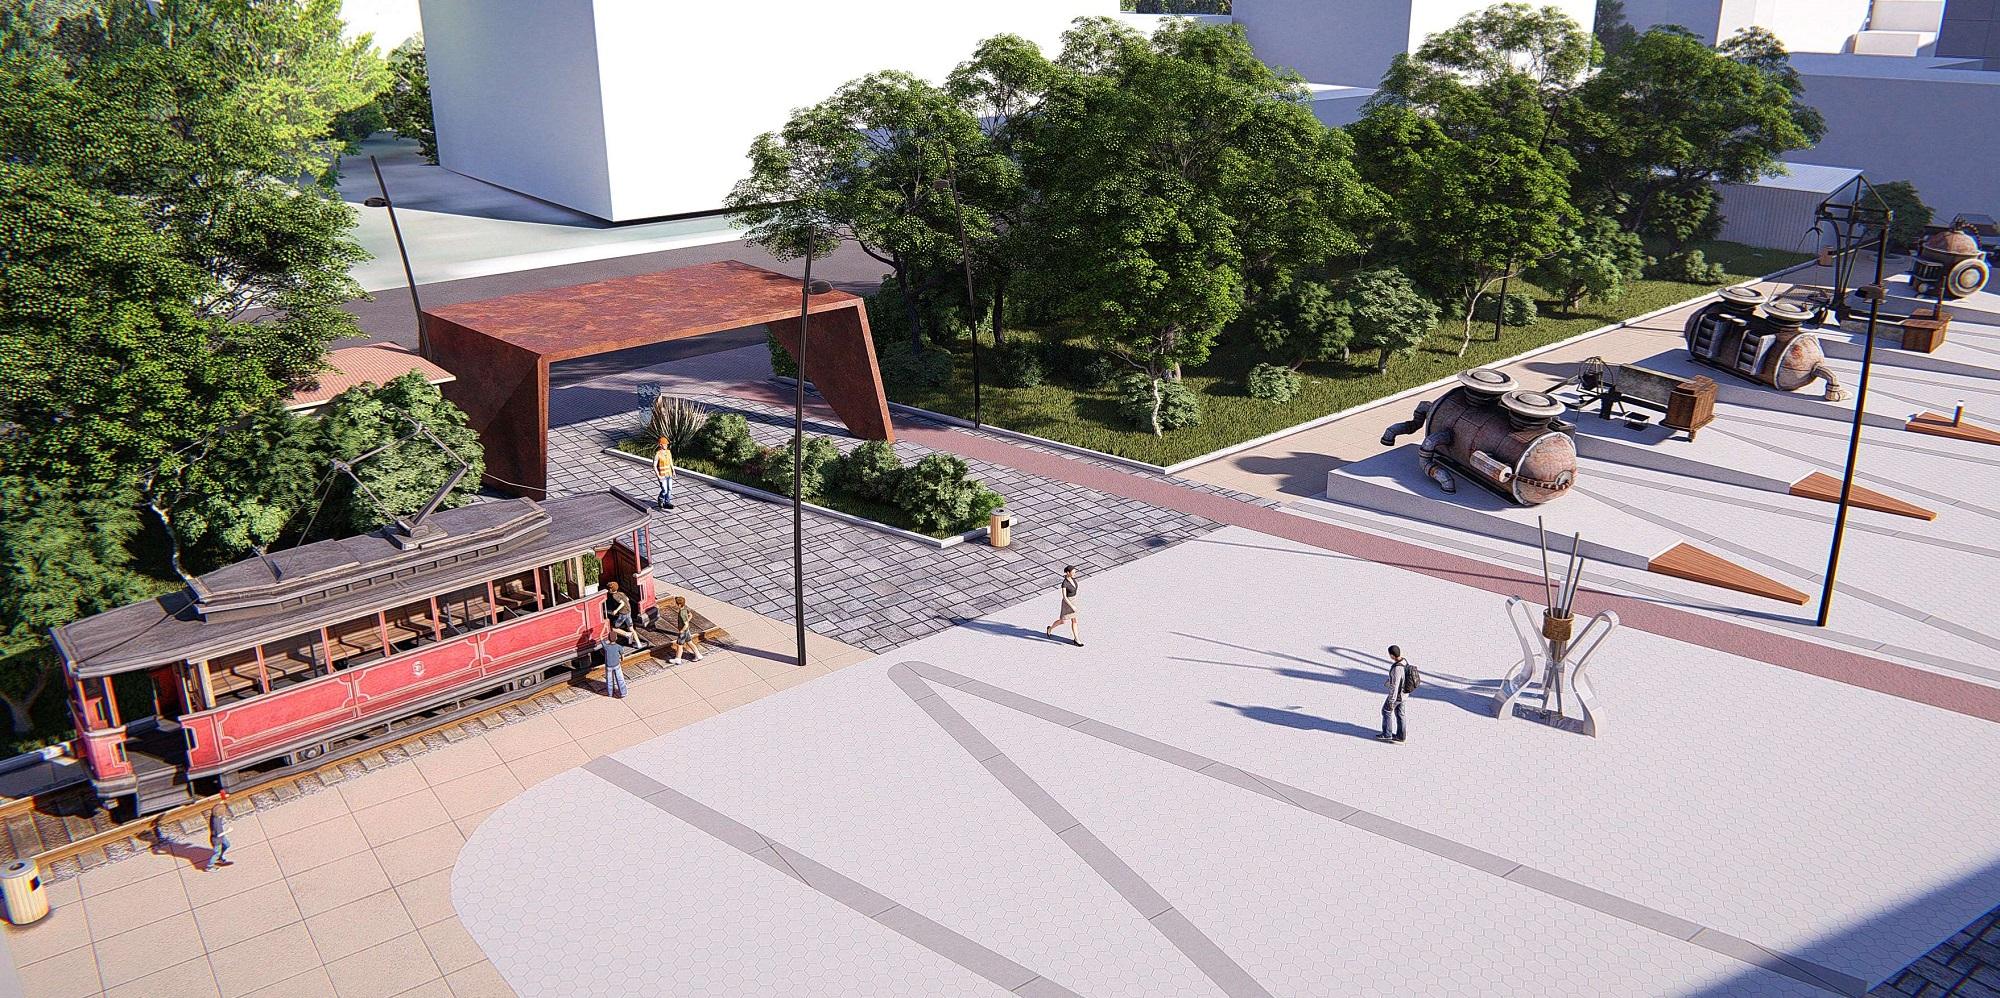 Всего планируется обустроить семь выходов к набережной с разных улиц города